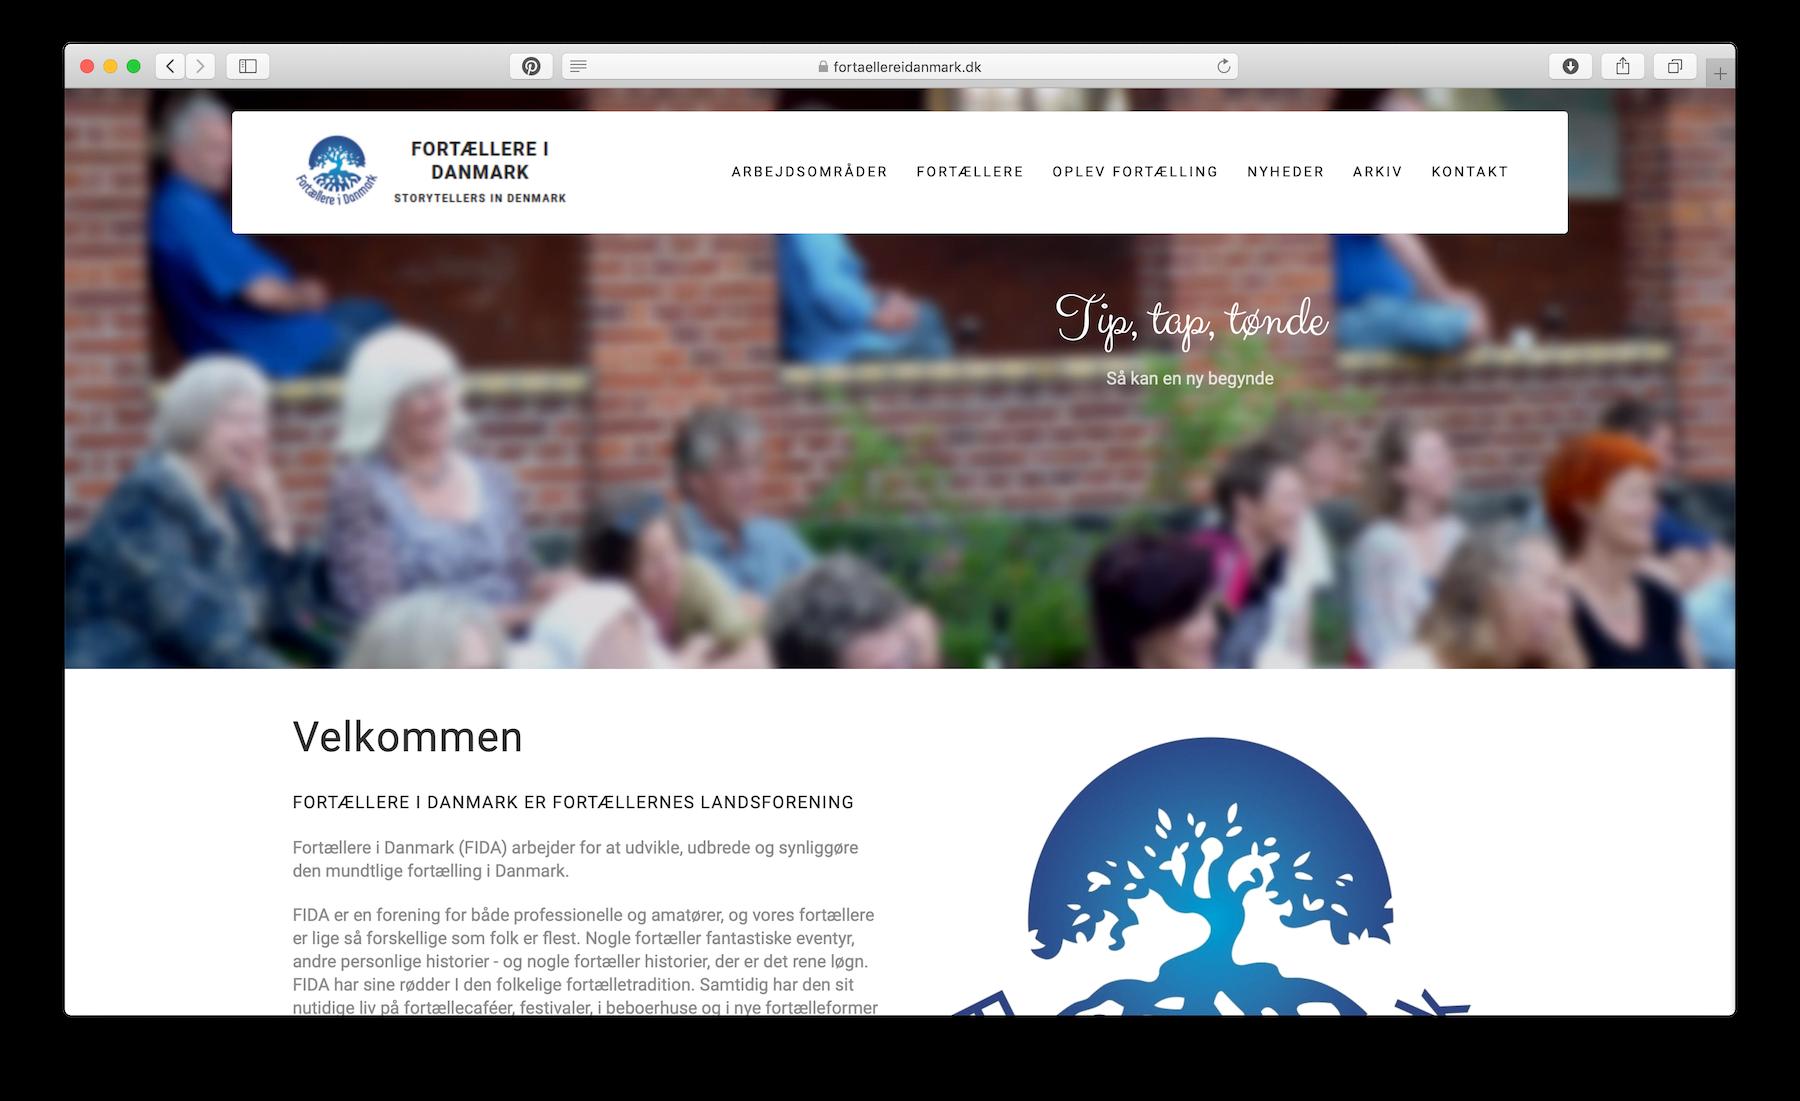 fortaellereidanmark_dk